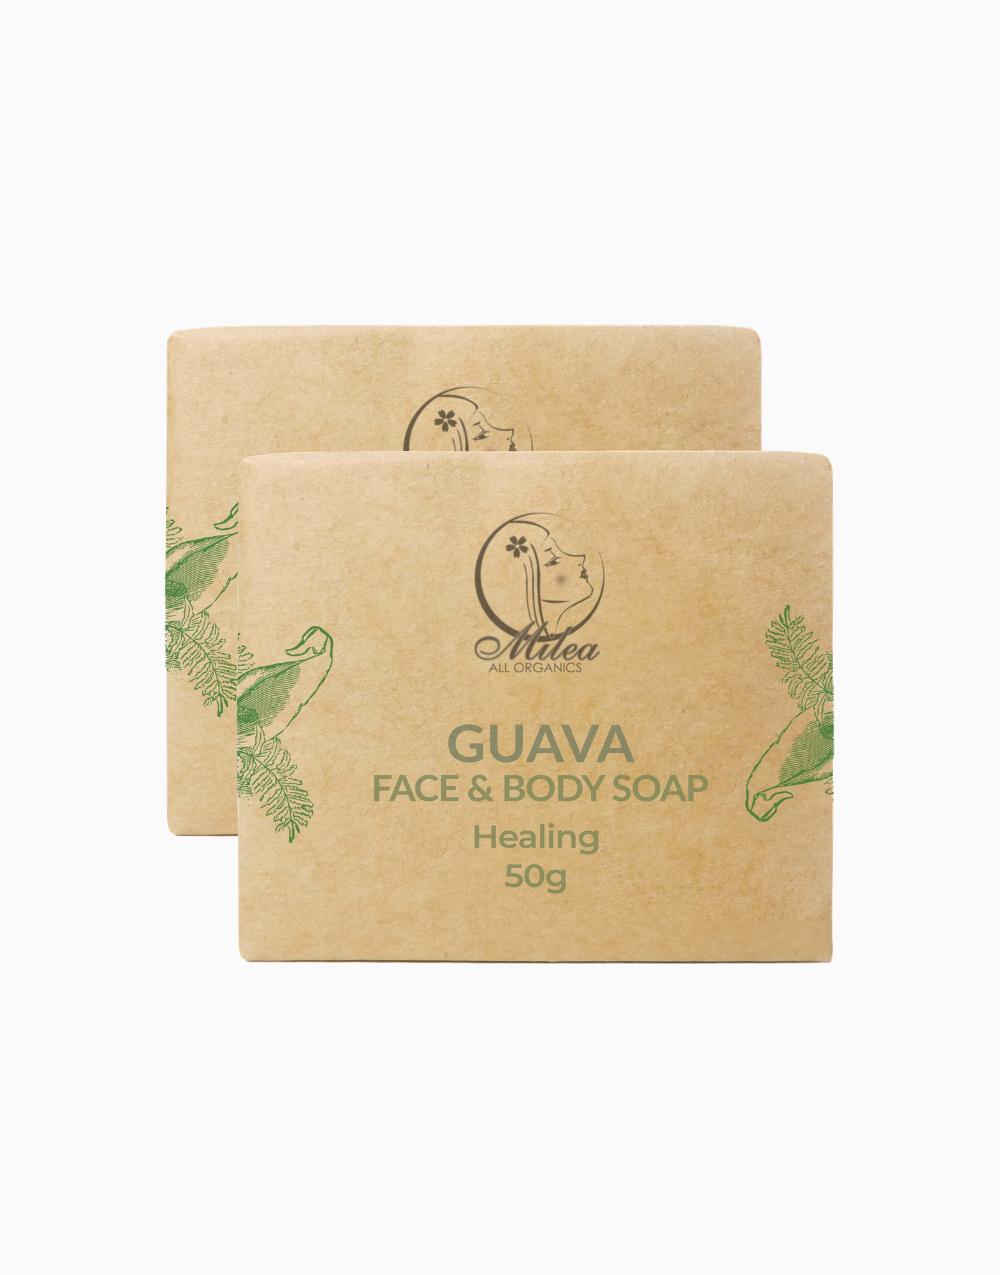 All Organics Guava Soap (50g) (2 Pcs.) by Milea